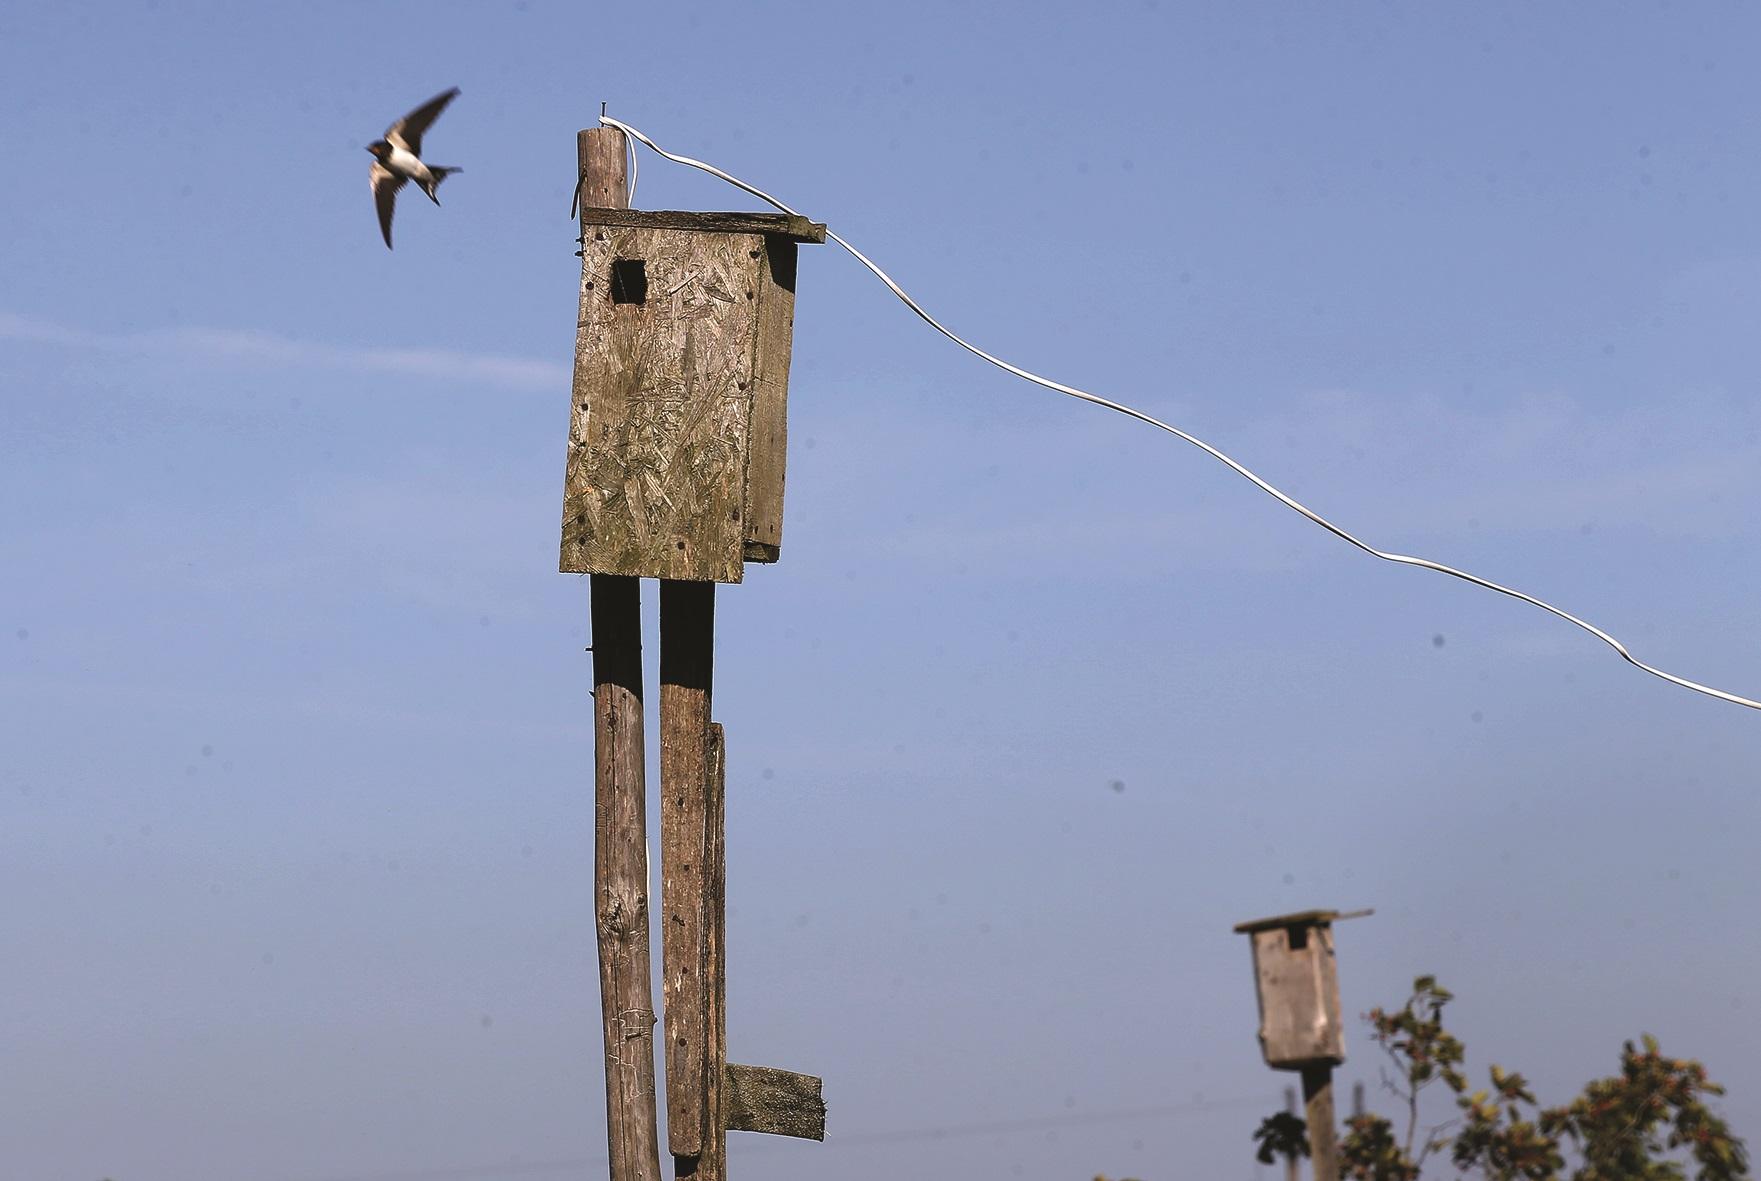 Atvykus į sodybą pasijunti lyg tikrame paukščių rezervate, draustinyje. Jų čia pulkai. Visi čirškia, čypsi, skraido. / A. Barzdžiaus nuotr.